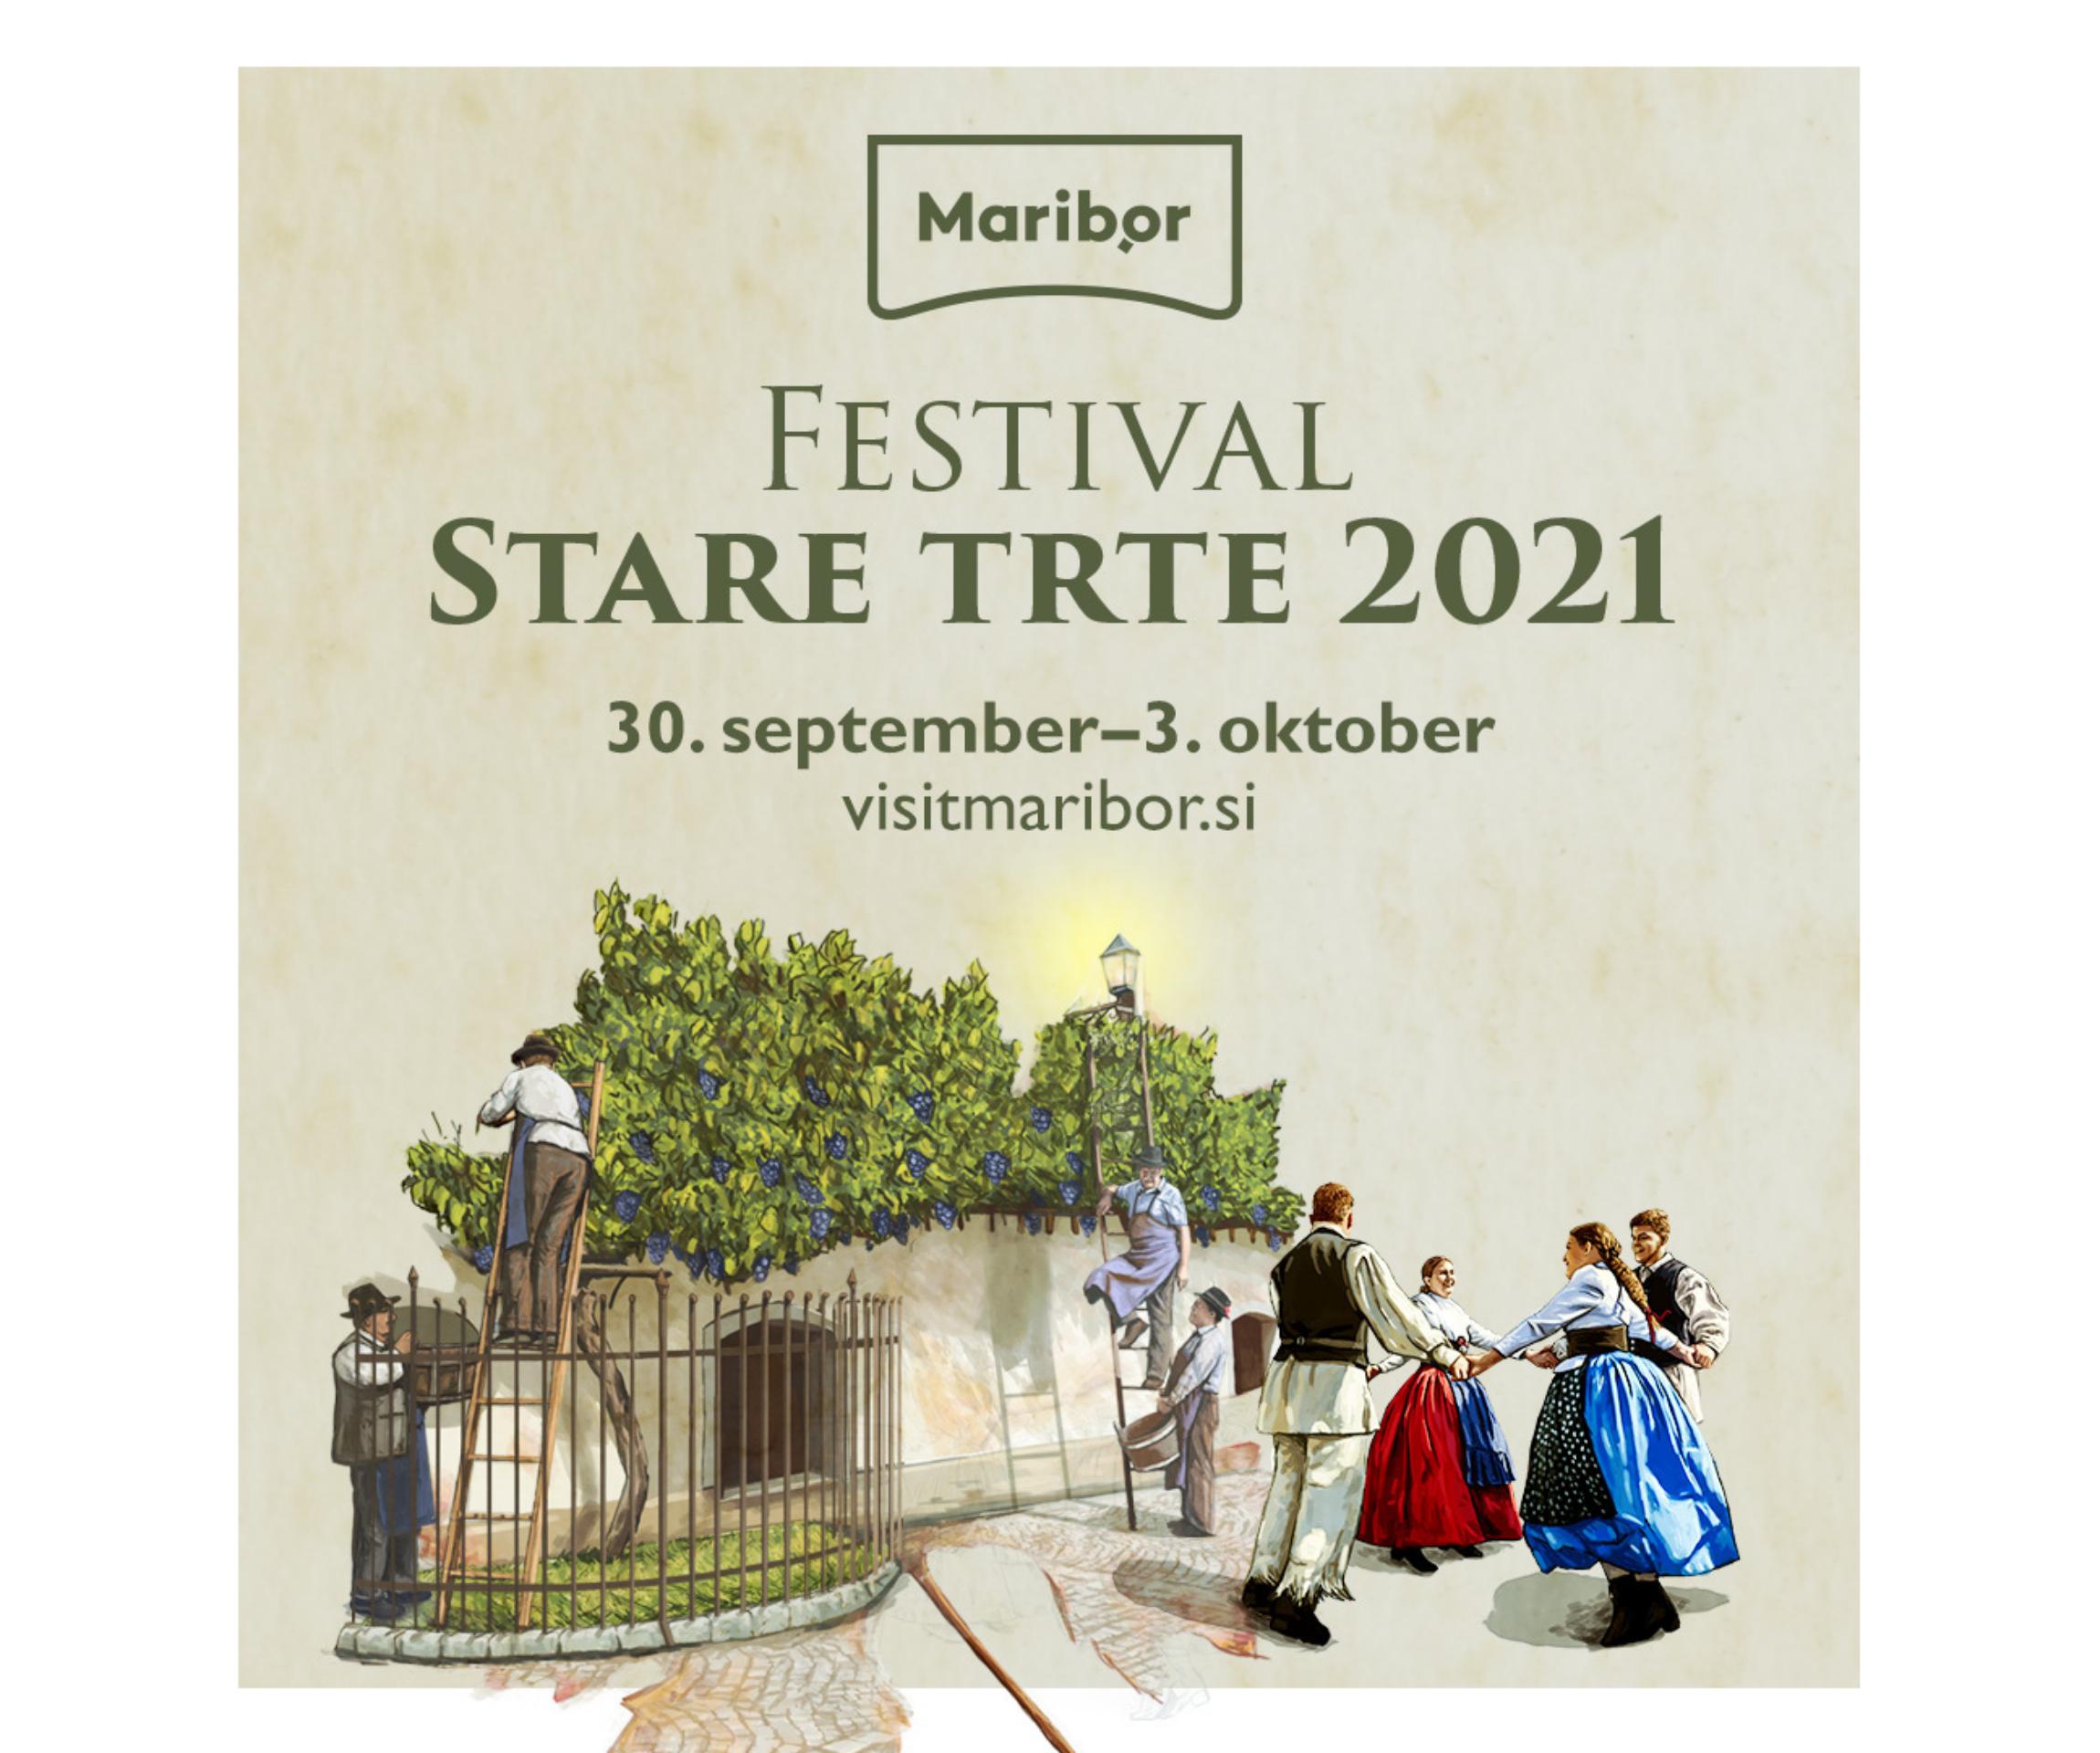 Festival Stare trte